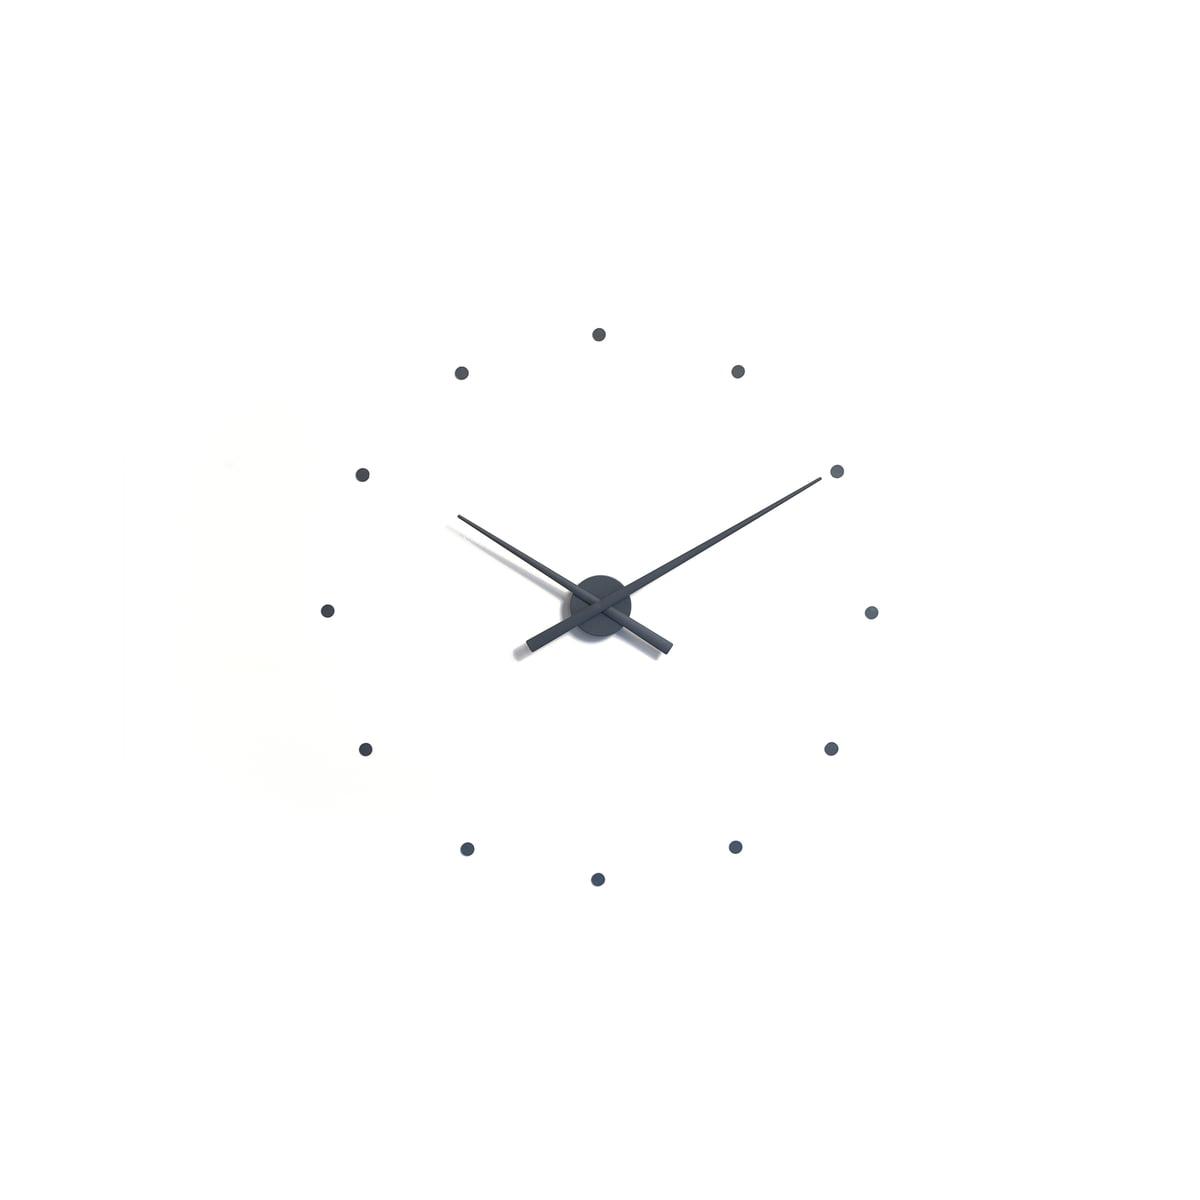 Oj mini wall clock by nomon in the shop oj mini wall clock by nomon in grey amipublicfo Choice Image